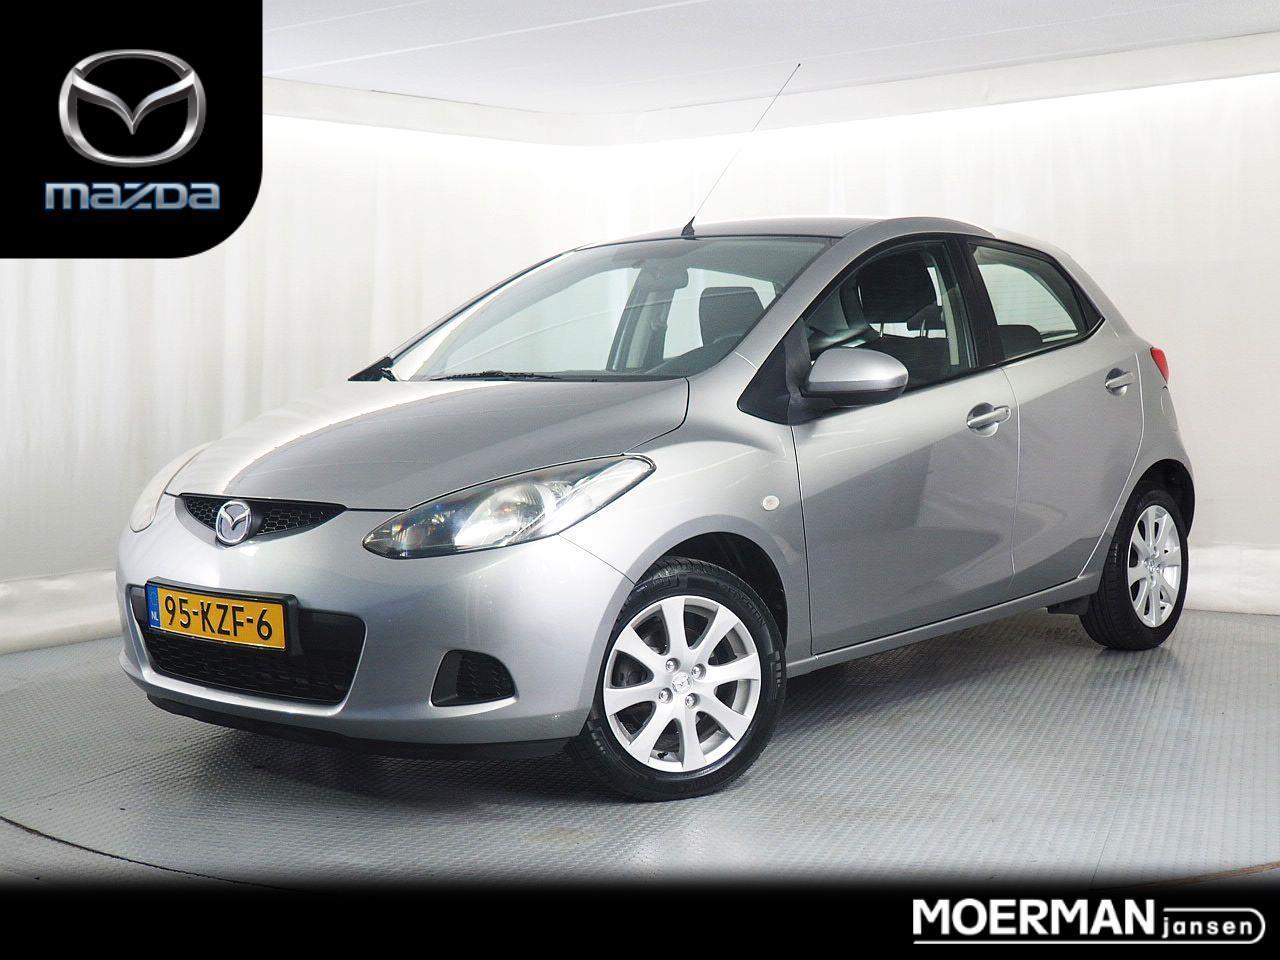 Mazda 2 1.3 ts / airco / 5 deurs / dealer onderhouden